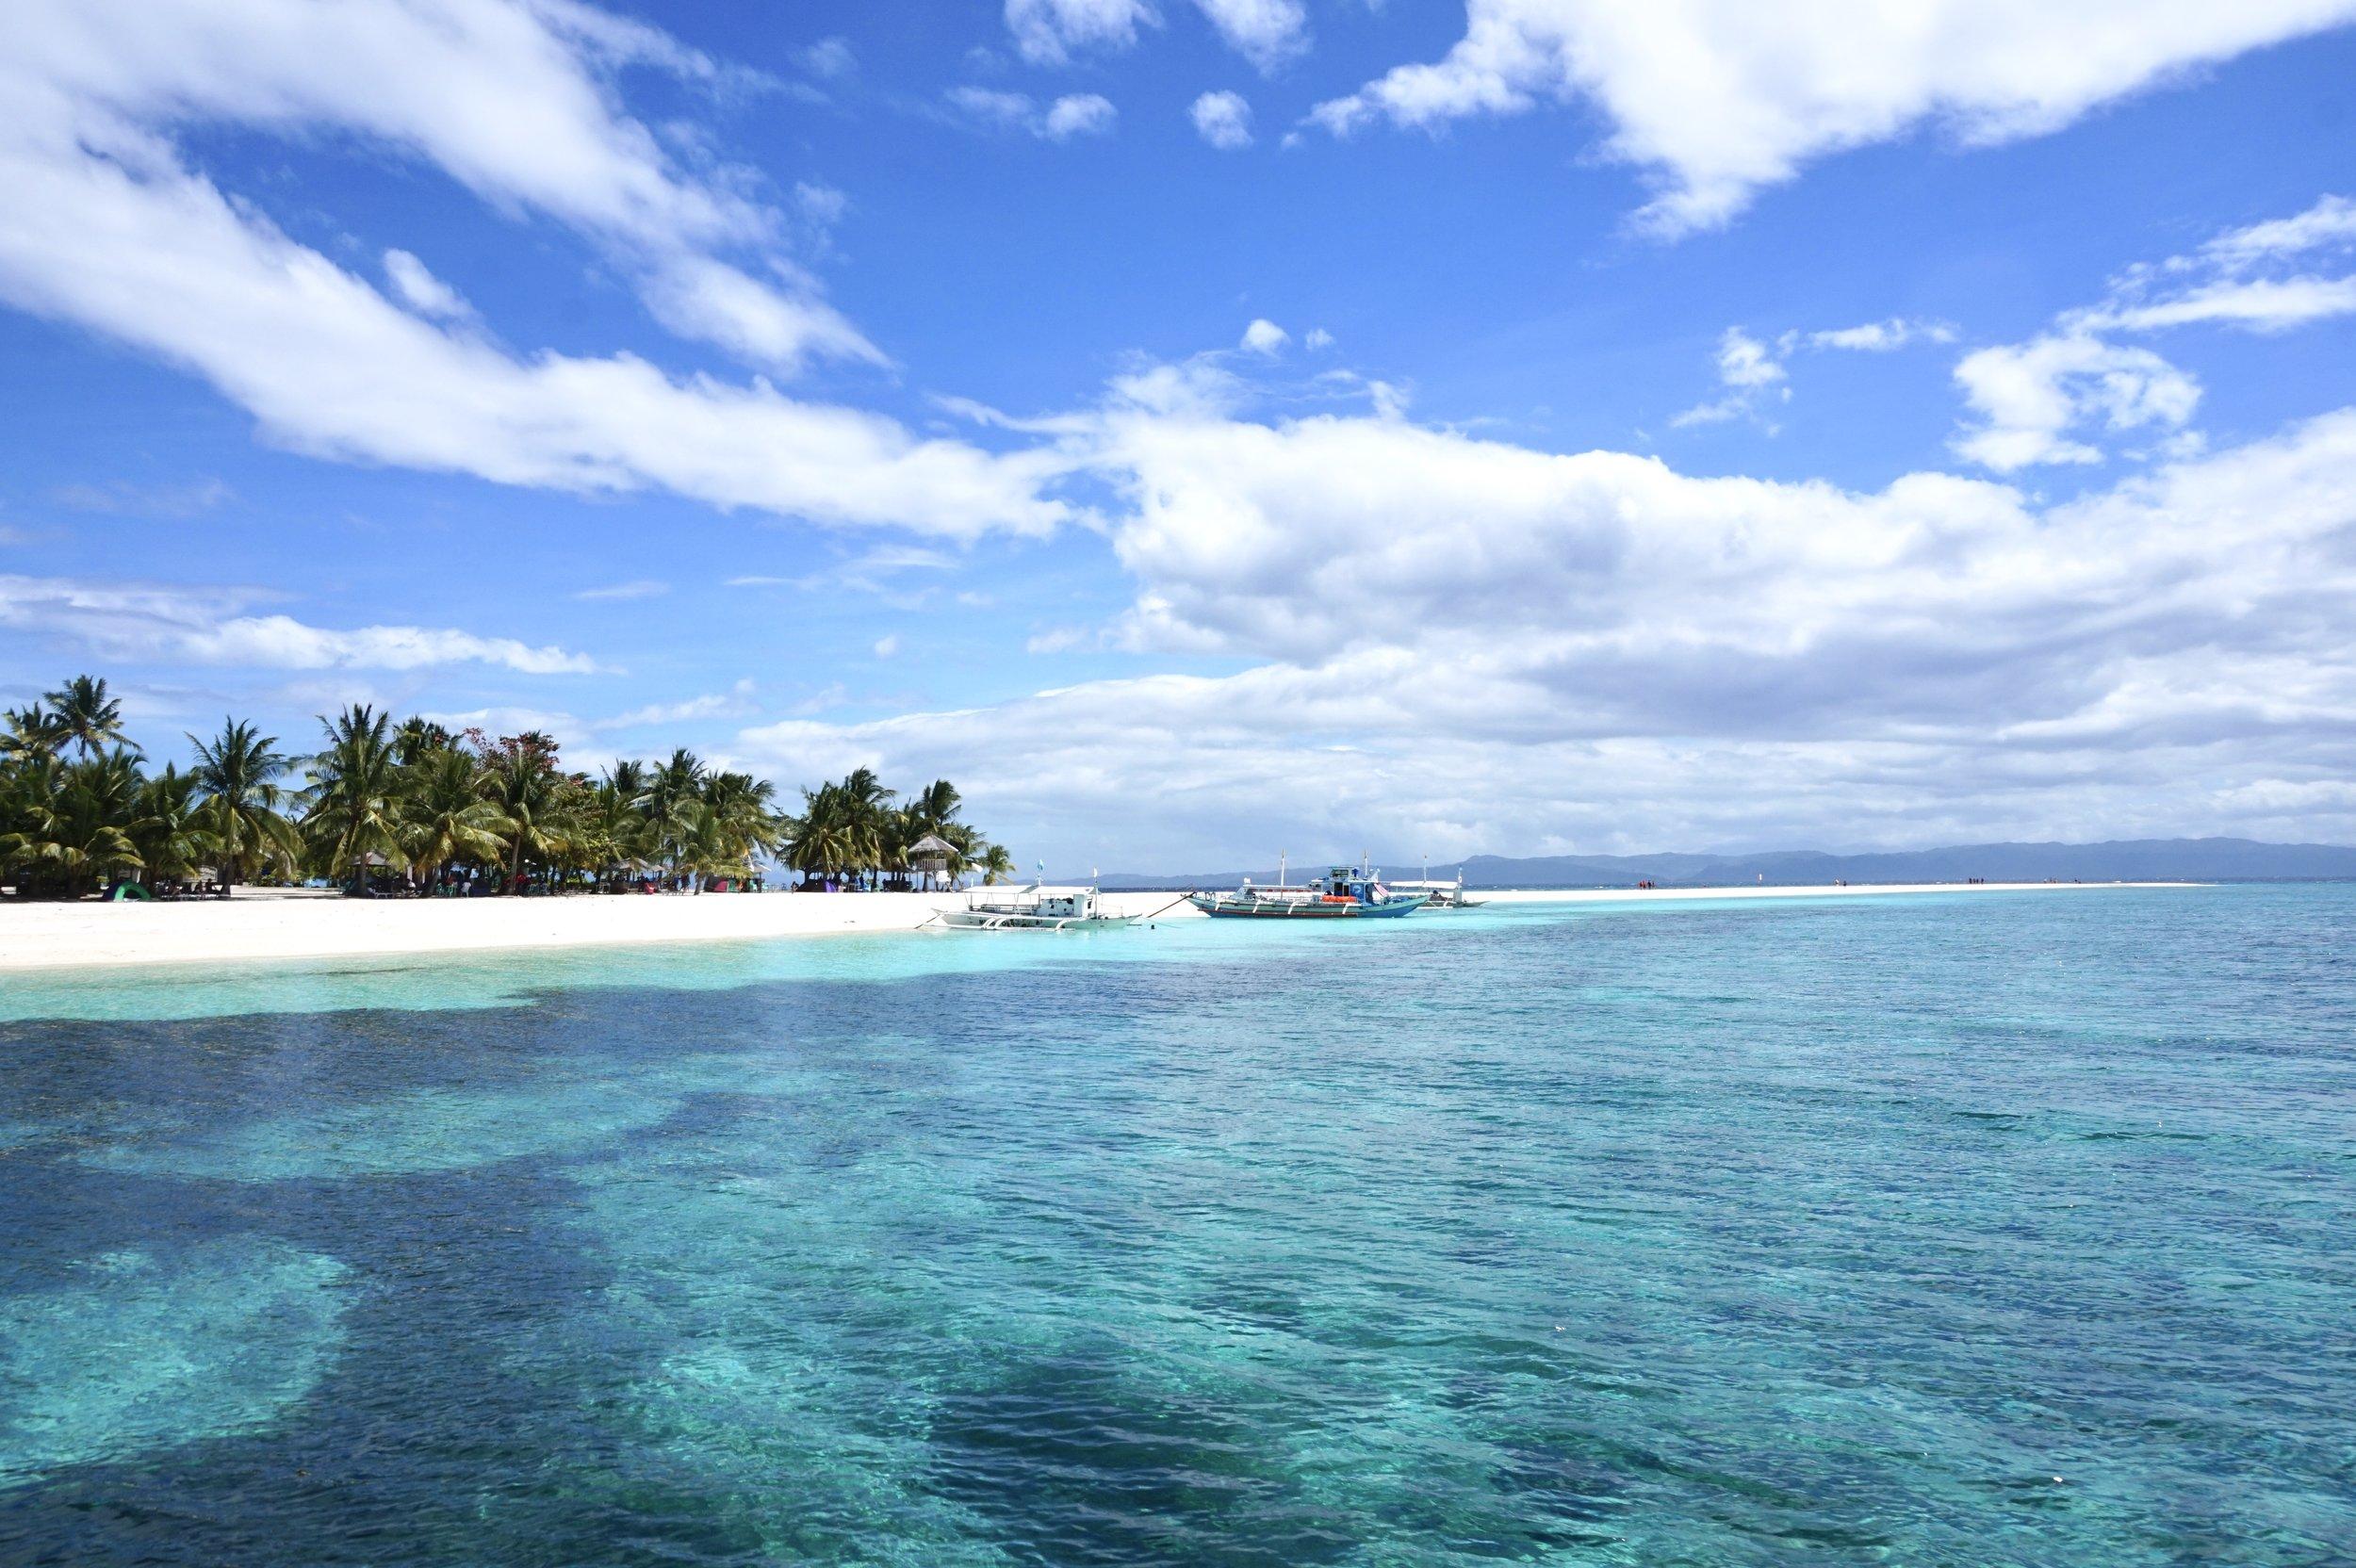 Philippines-Kalanggaman